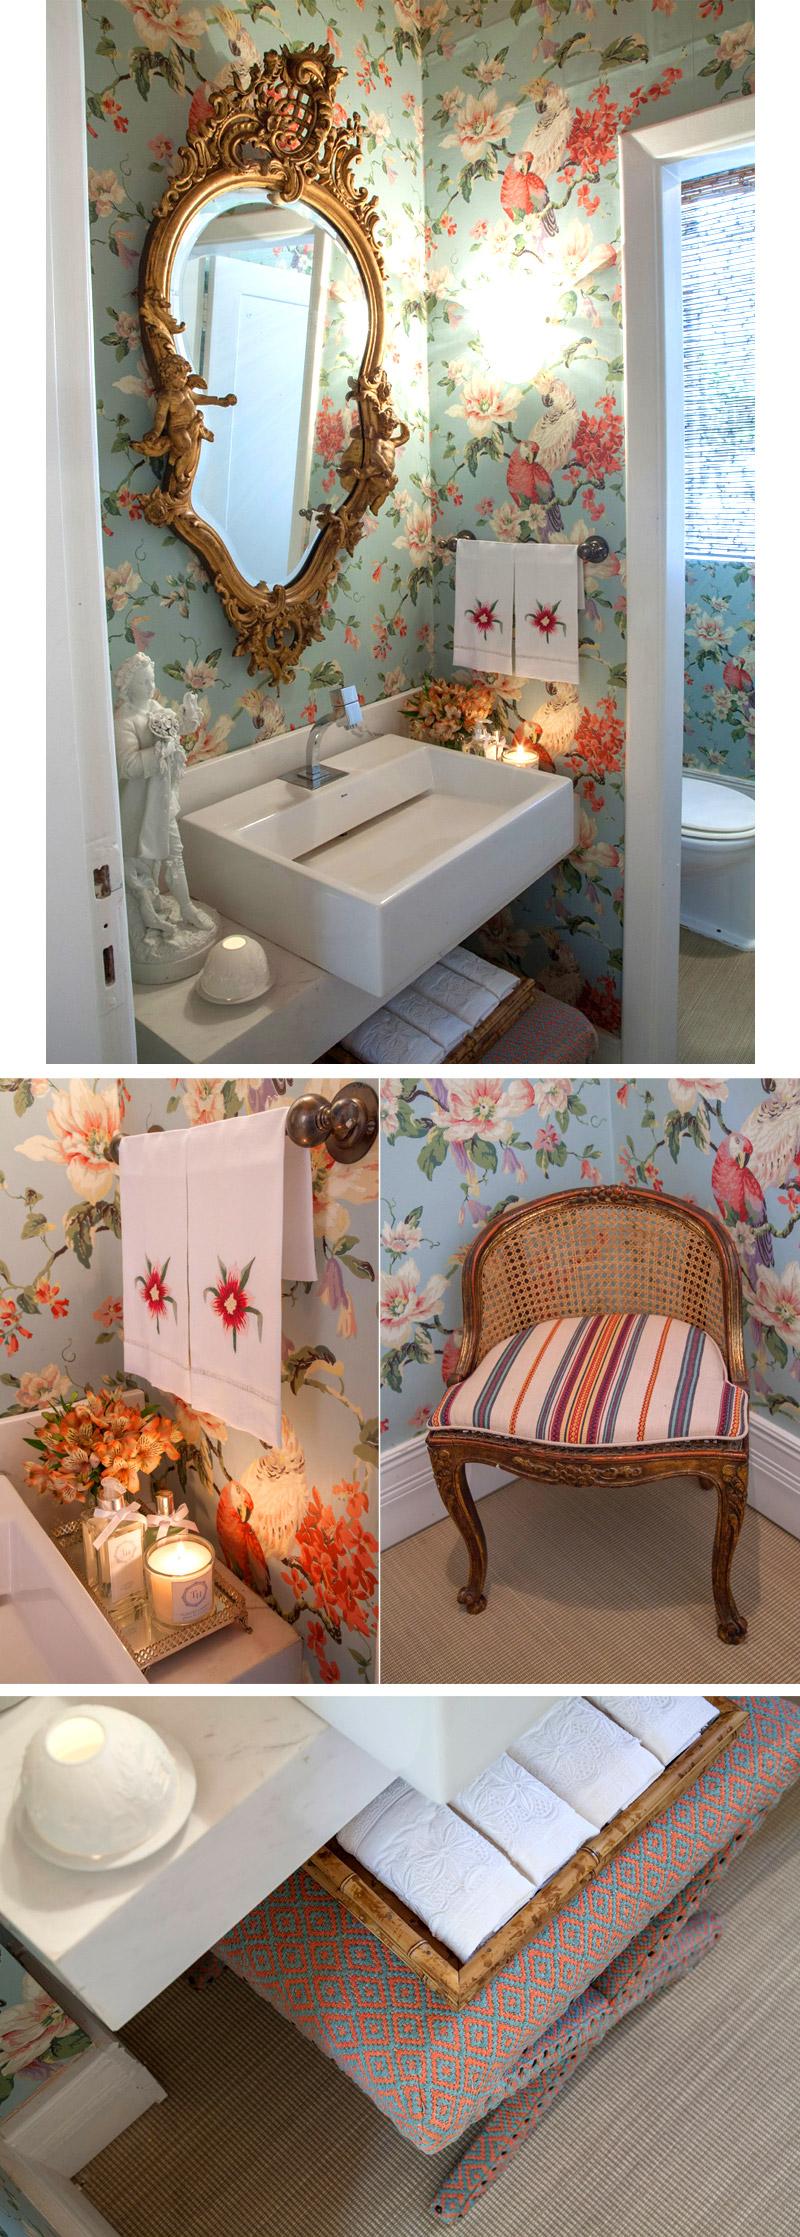 living-gazette-barbara-resende-decor-tour-casa-marcela-caio-theodora-home-sig-bergamin-lavabo